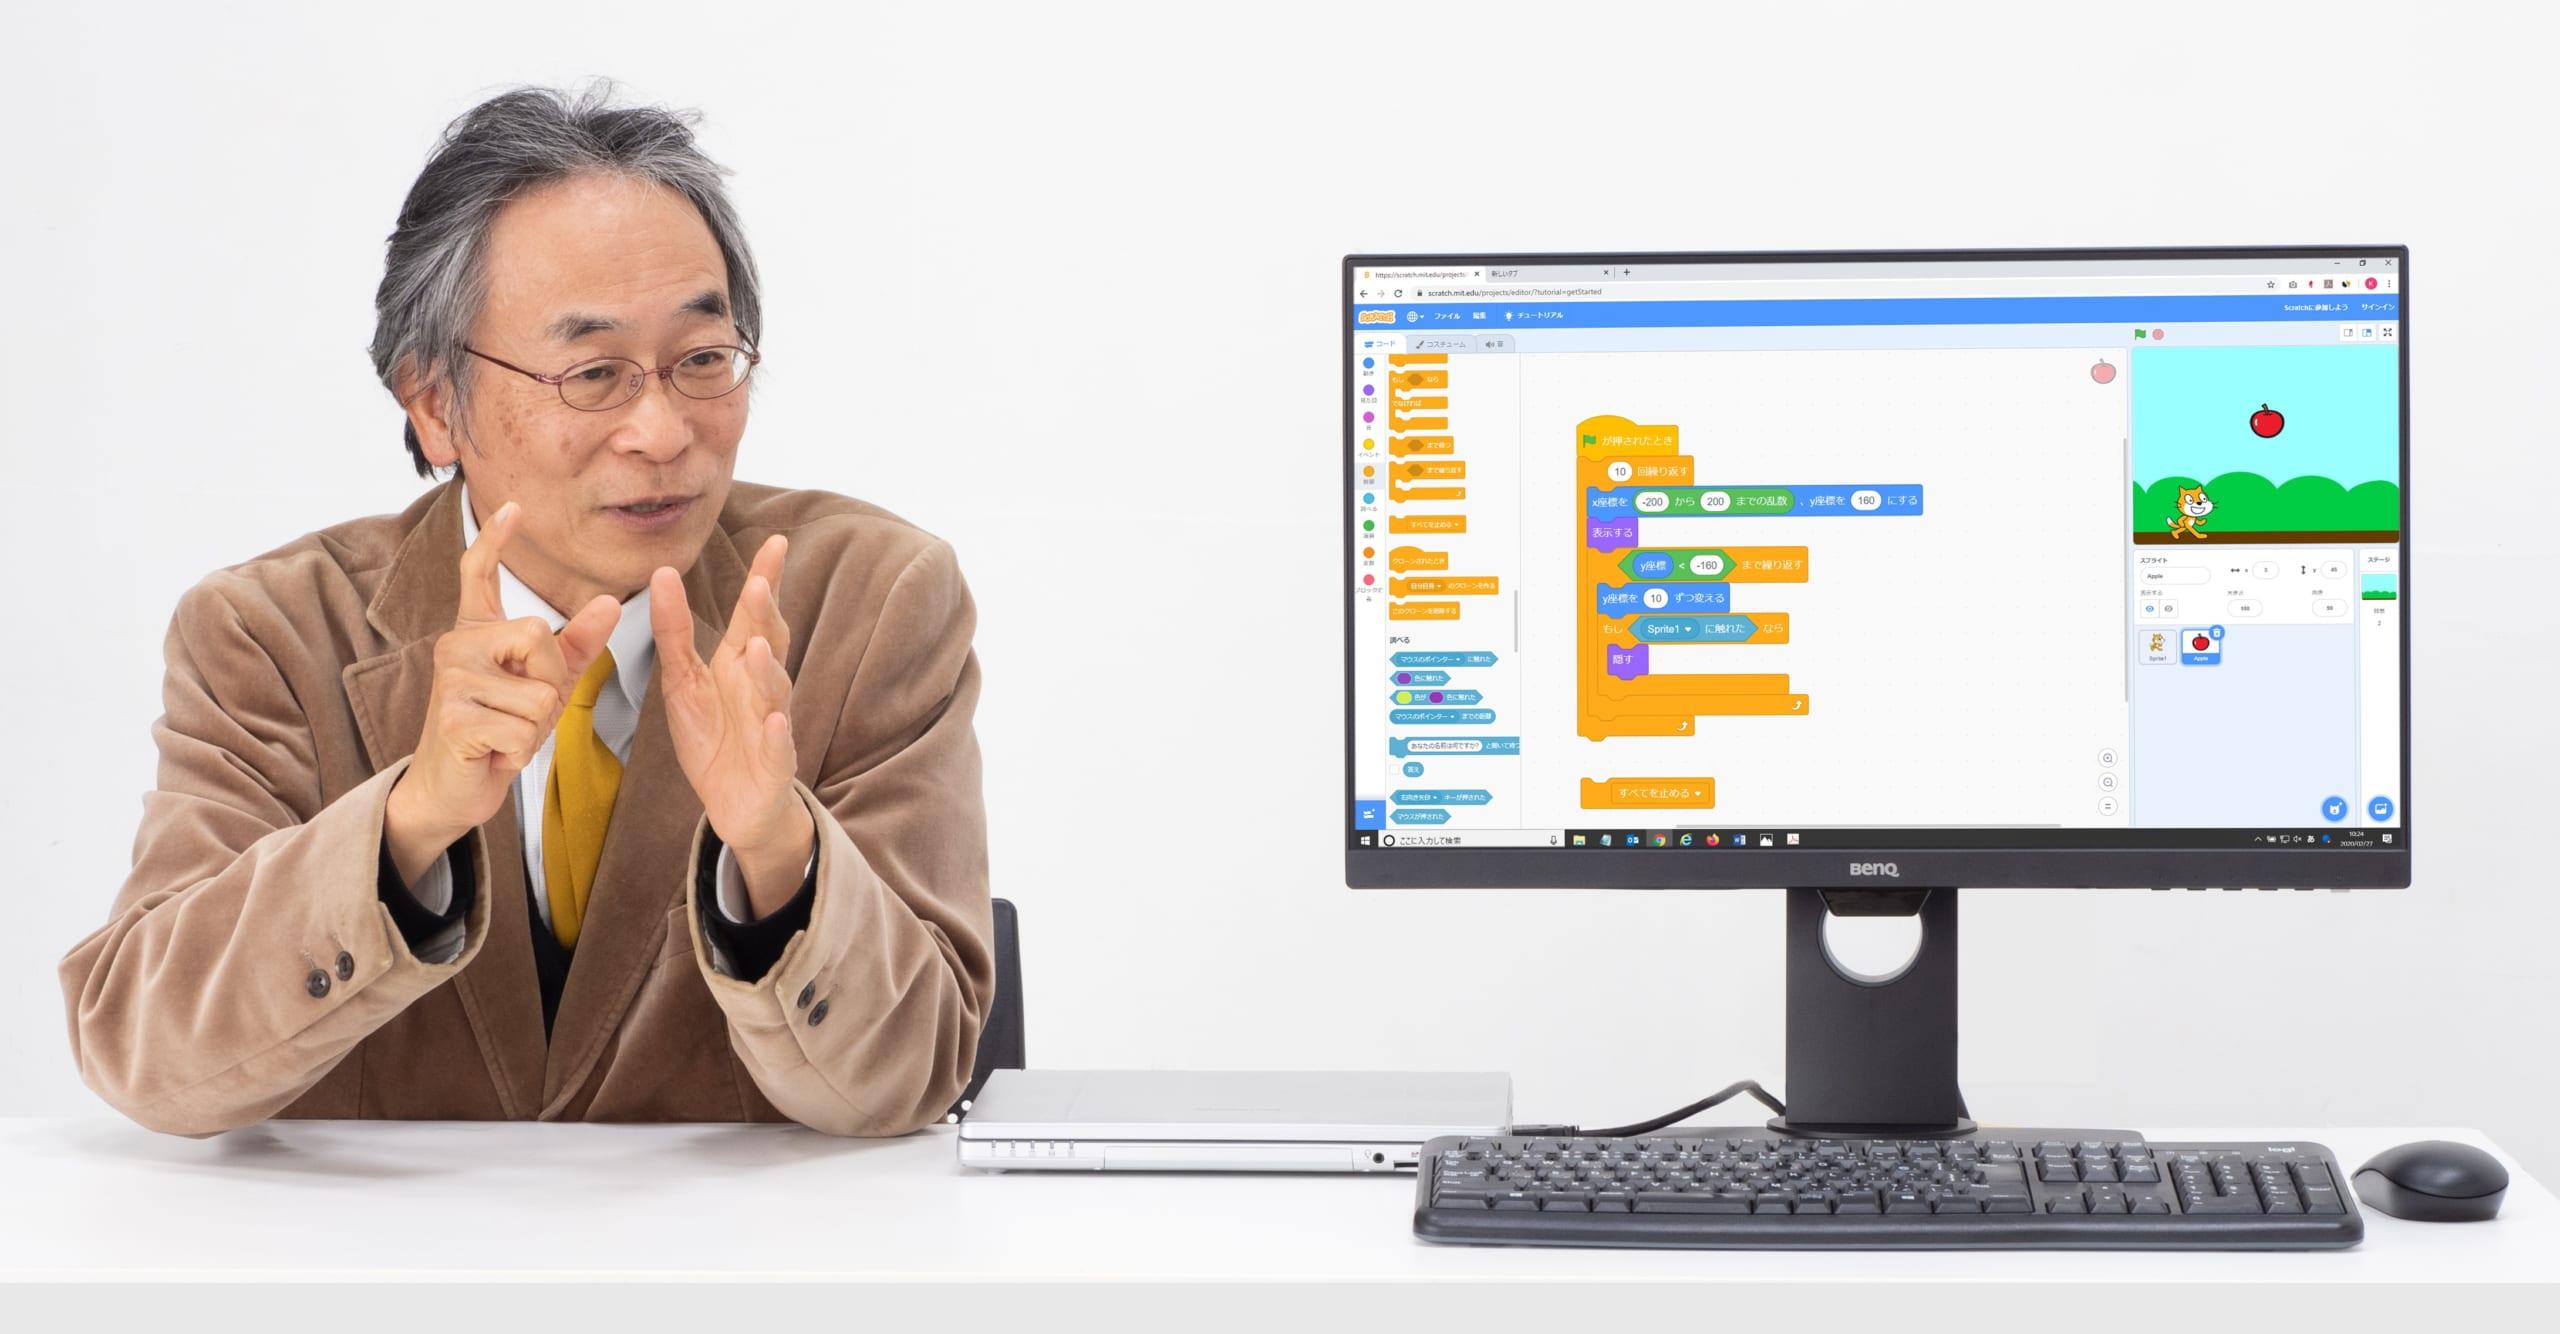 いよいよプログラミング教育が必修化! 子どもの目に優しいアイケアモニターなどパソコン環境を整えましょう